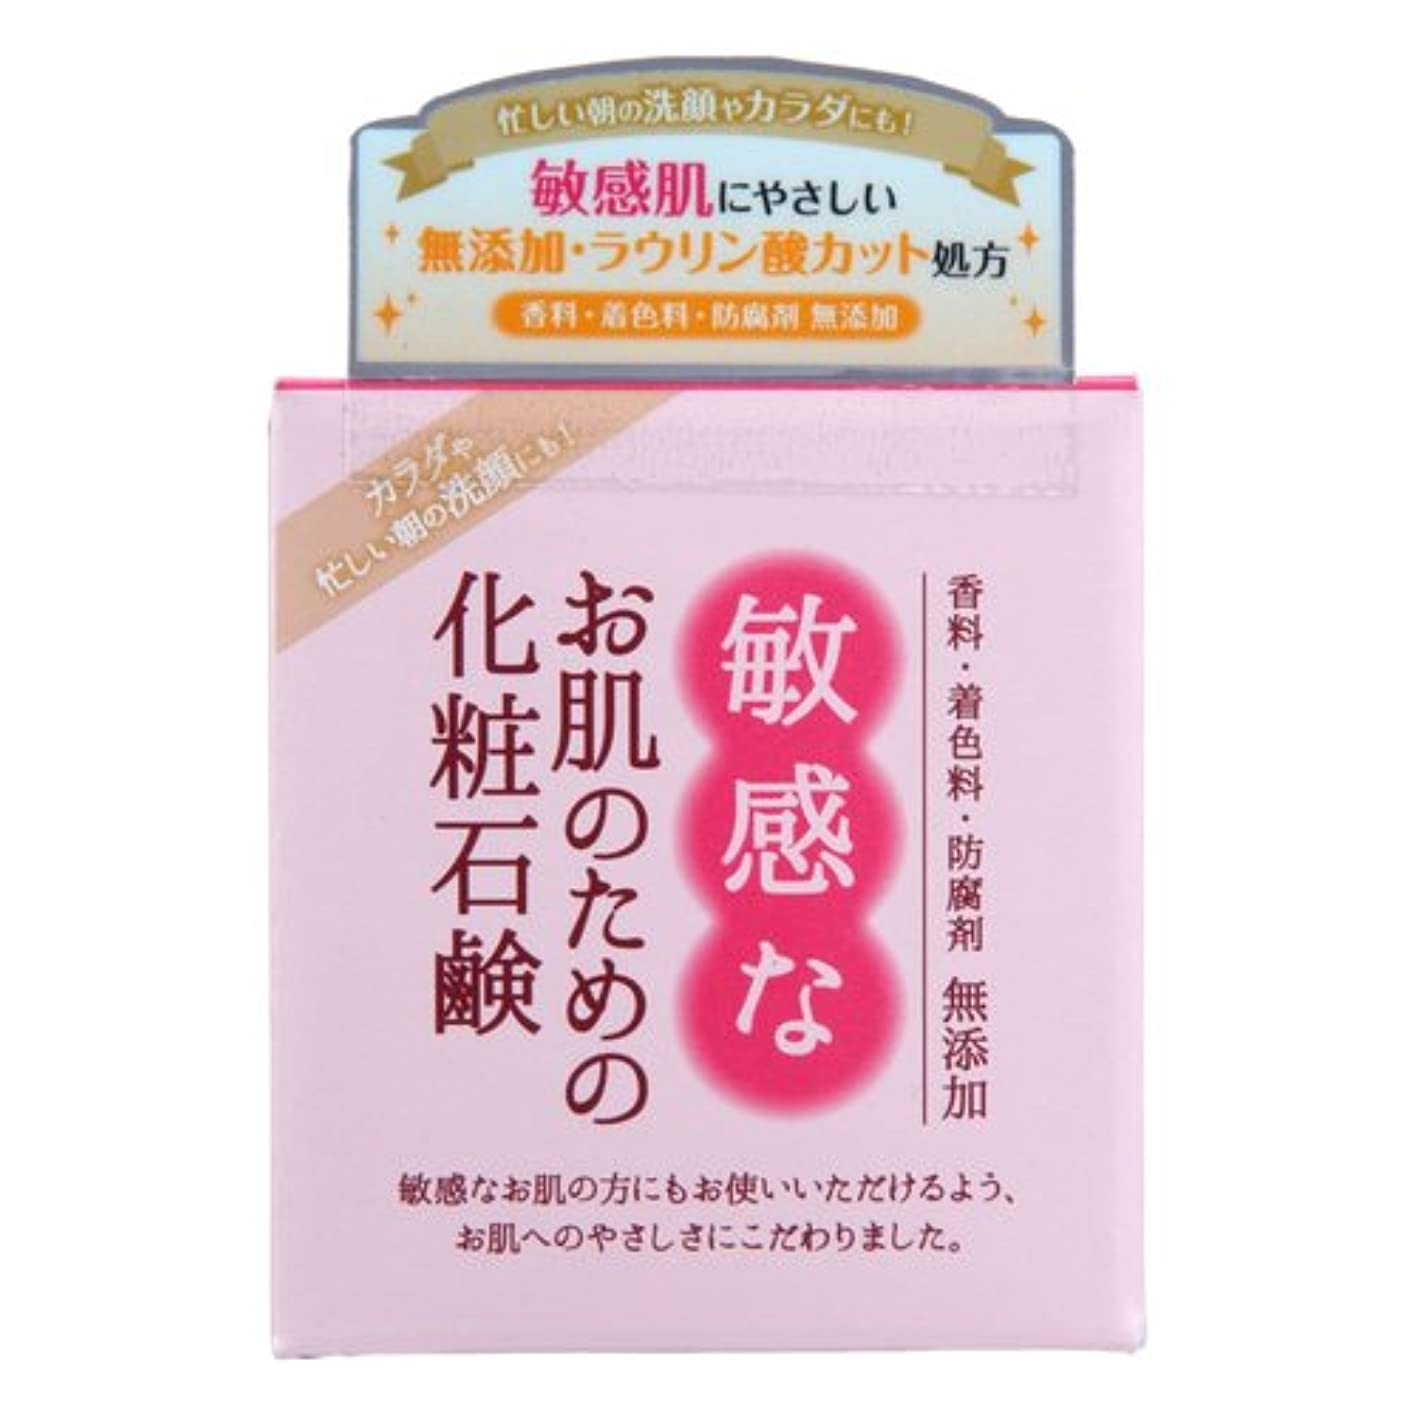 舗装する住居敏感なお肌のための化粧石鹸 100g CBH-S